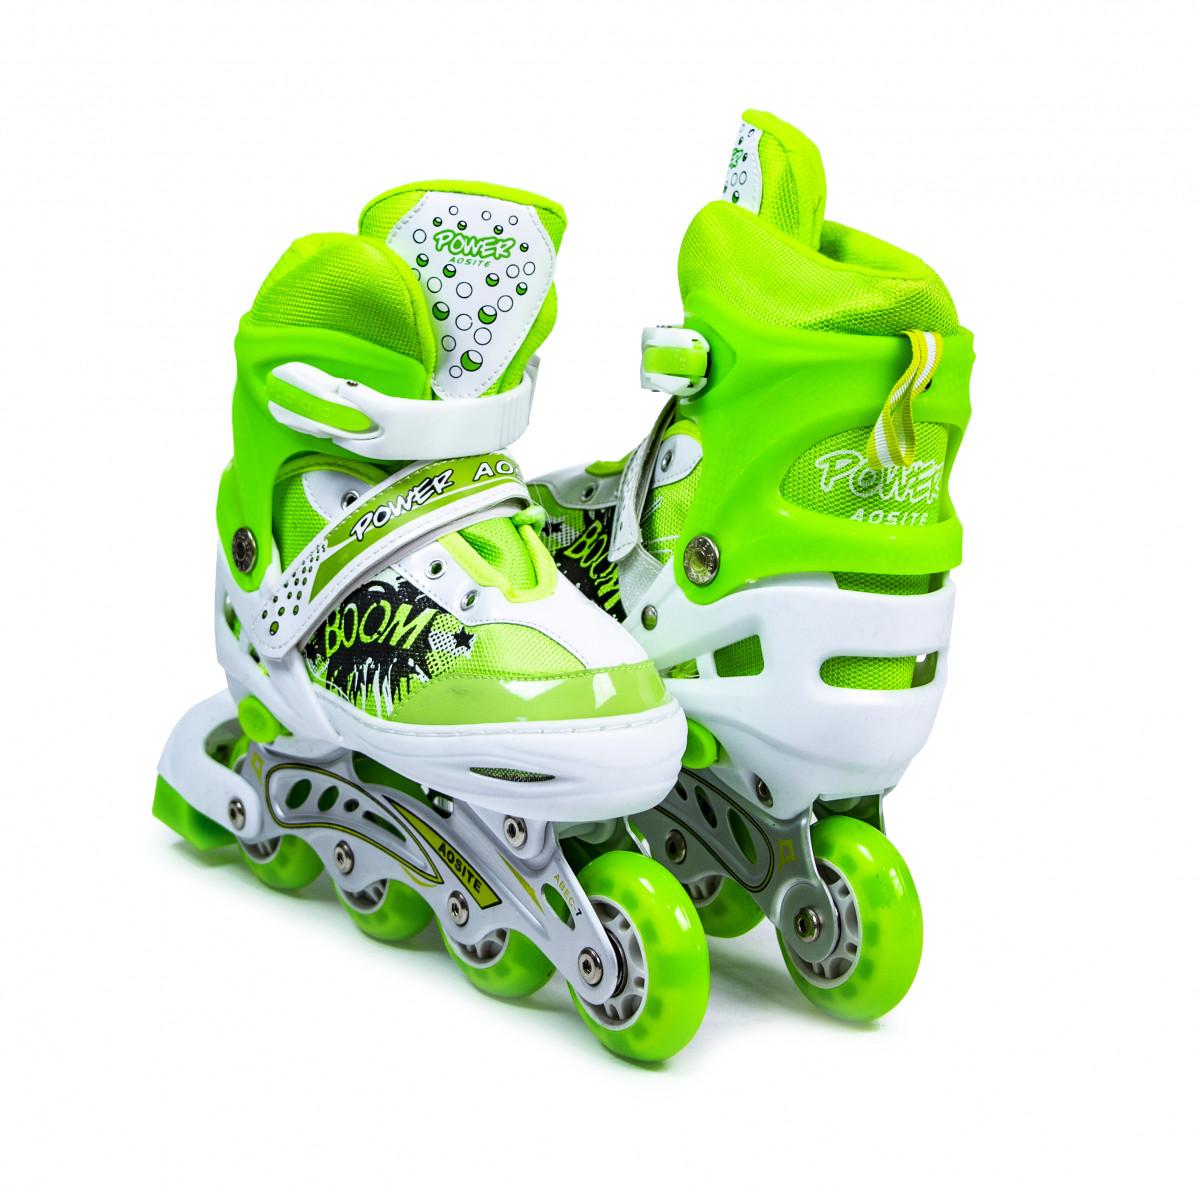 Детские ролики Boom Power зеленые размер 34-37